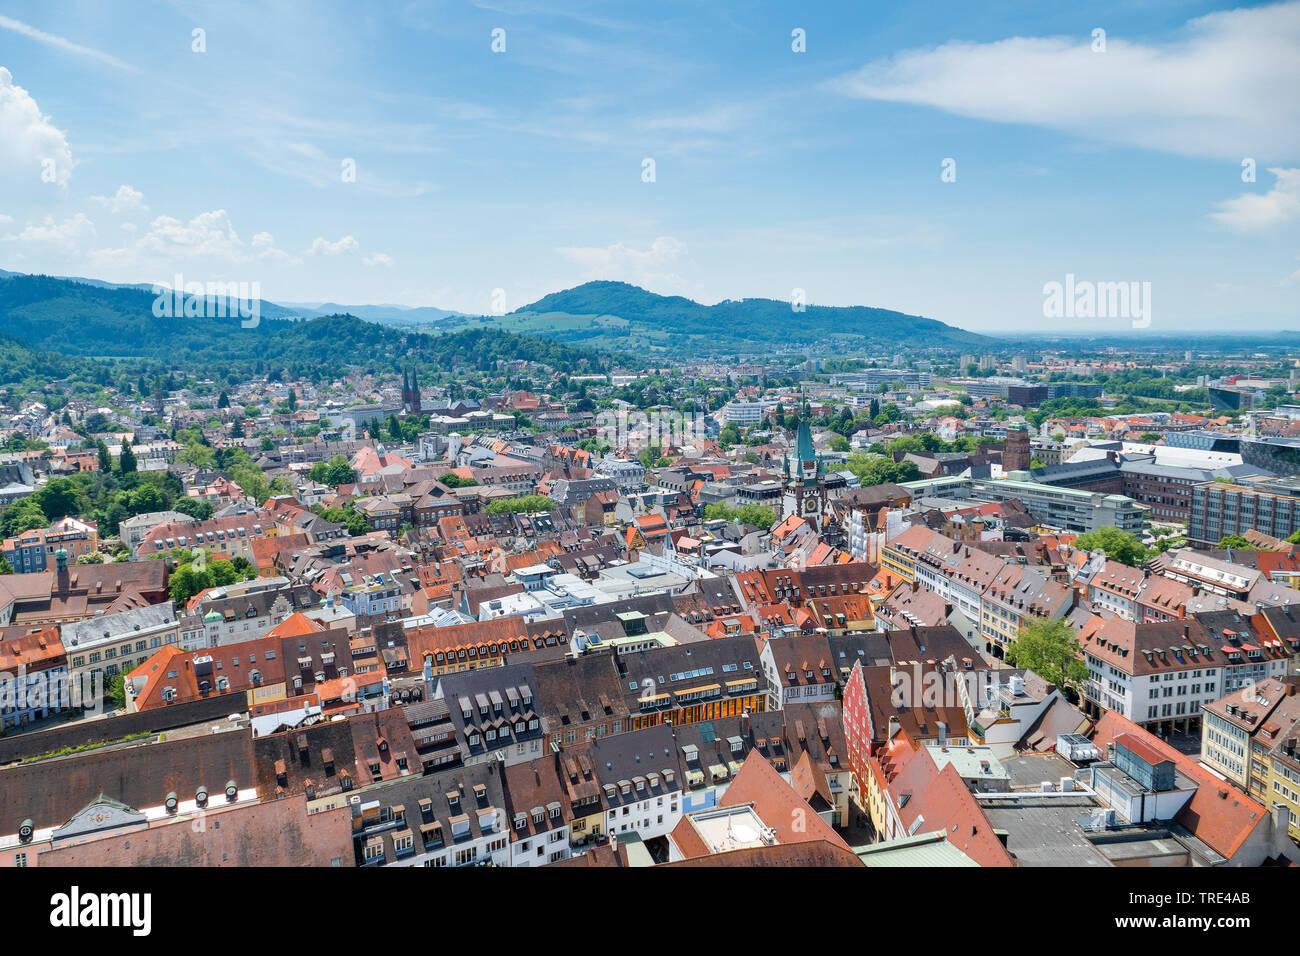 Stadtansicht von Freiburg im Breisgau, Deutschland, Baden-Wuerttemberg, Freiburg, Breisgau | View of Freiburg in the German region of Breisgau, German - Stock Image